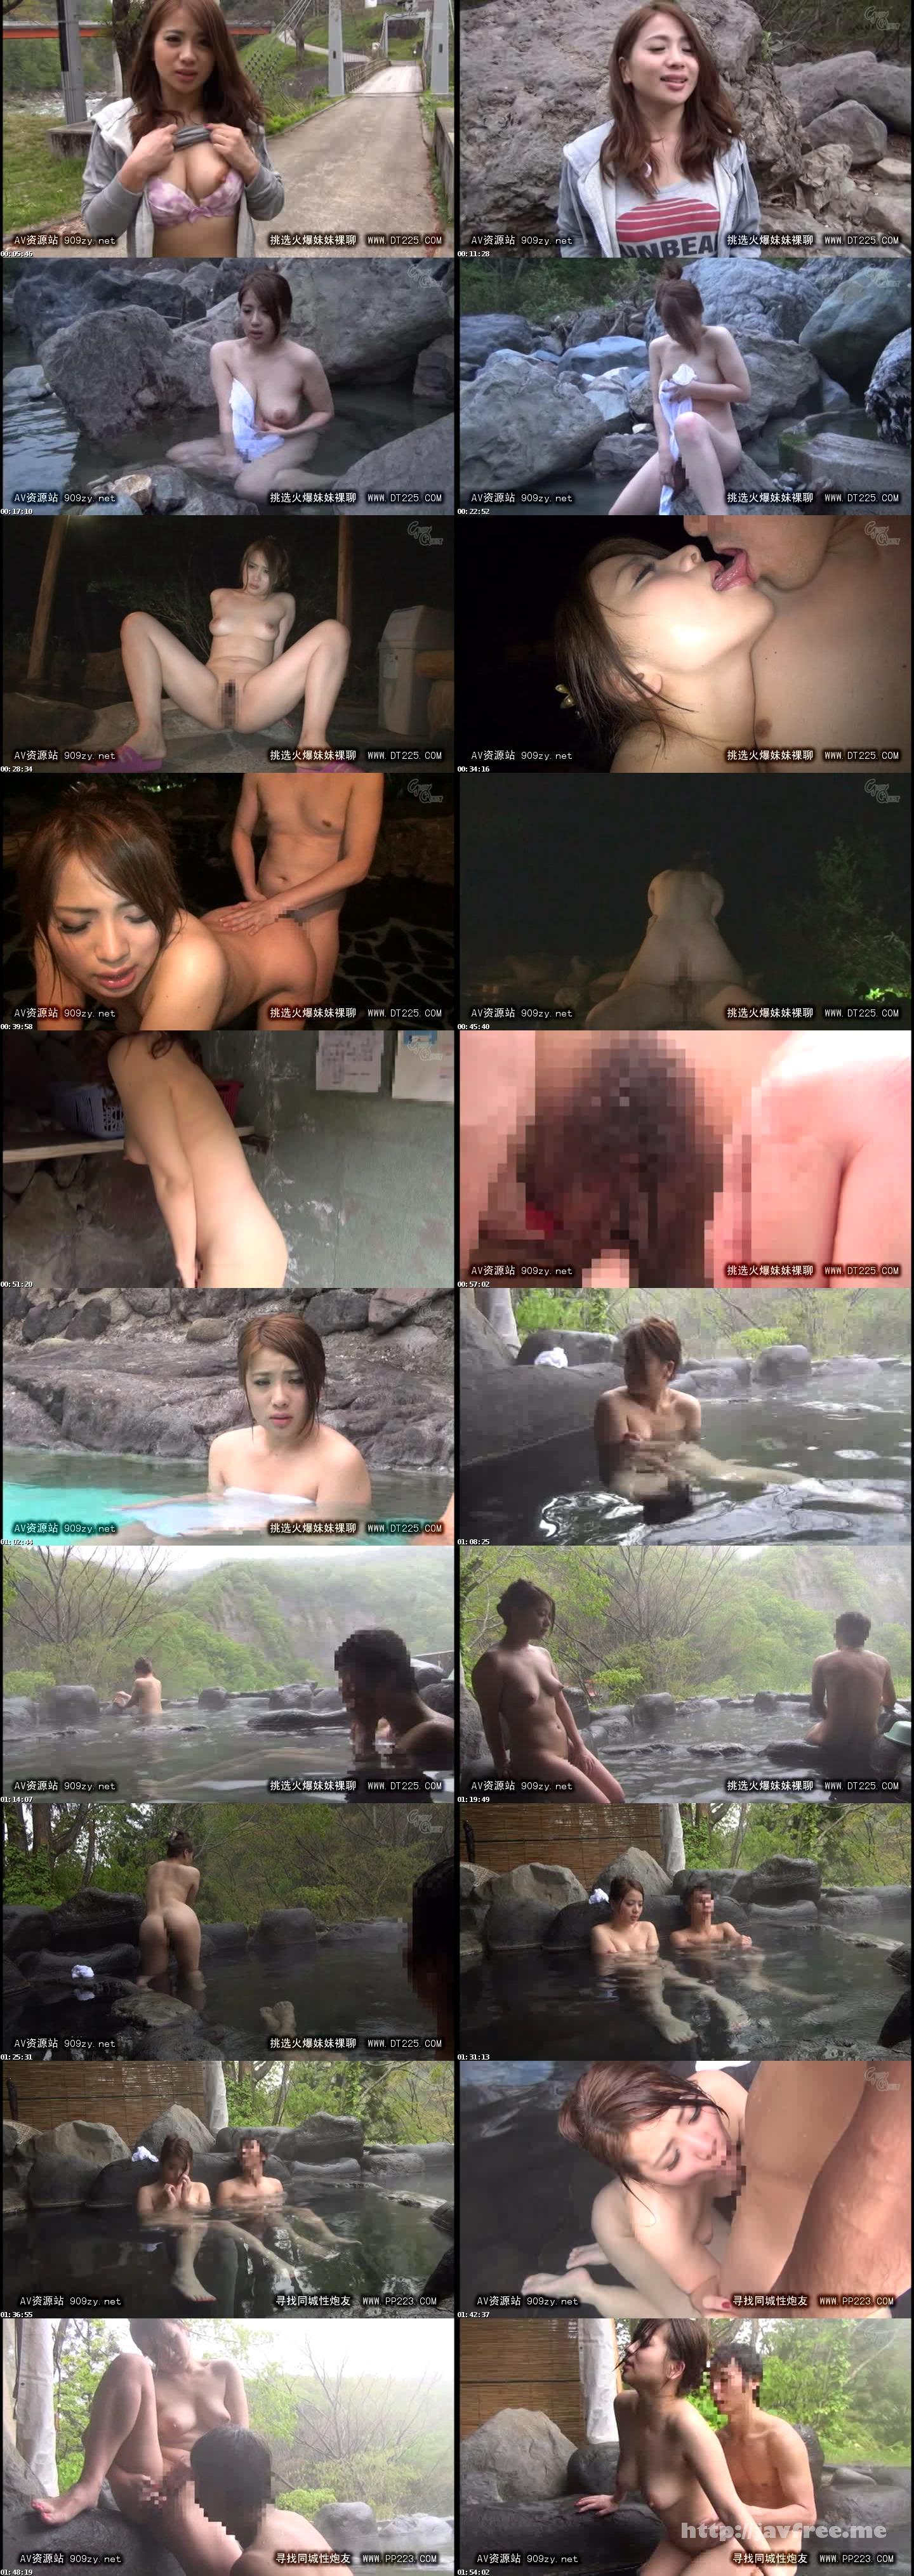 [GVG 024] 混浴温泉〜秘湯秘部巡り〜 佐々木恋海 佐々木恋海 GVG